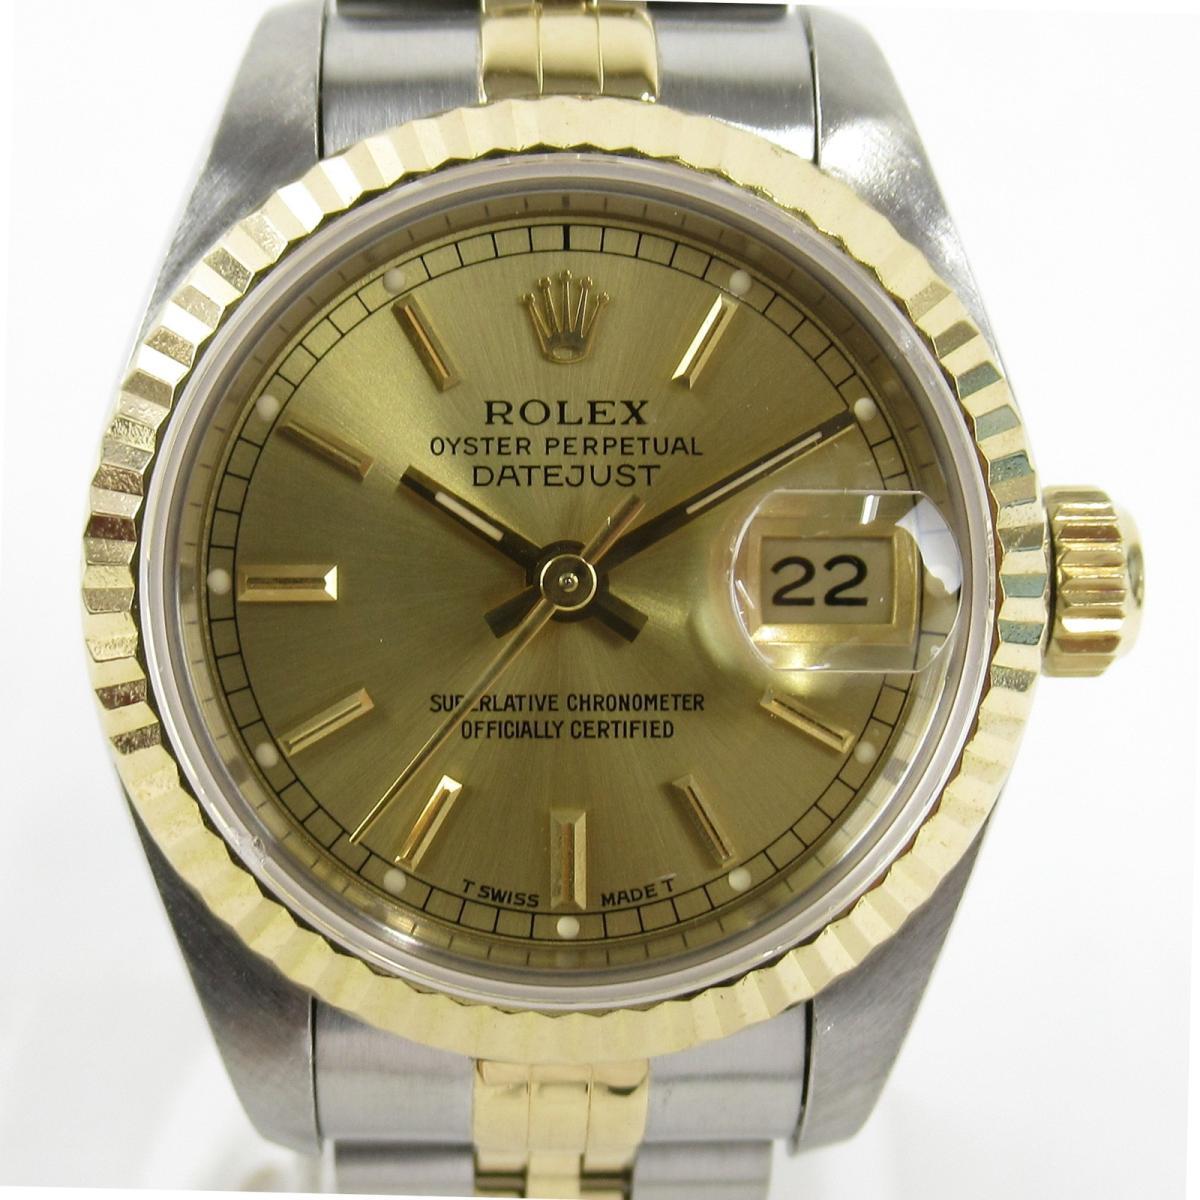 【中古】 ロレックス デイトジャスト 腕時計 レディース K18YG (750)イエローゴールド ステンレススチール (SS) (69173 S番) | ROLEX BRANDOFF ブランドオフ ブランド ブランド時計 ブランド腕時計 時計 ウォッチ